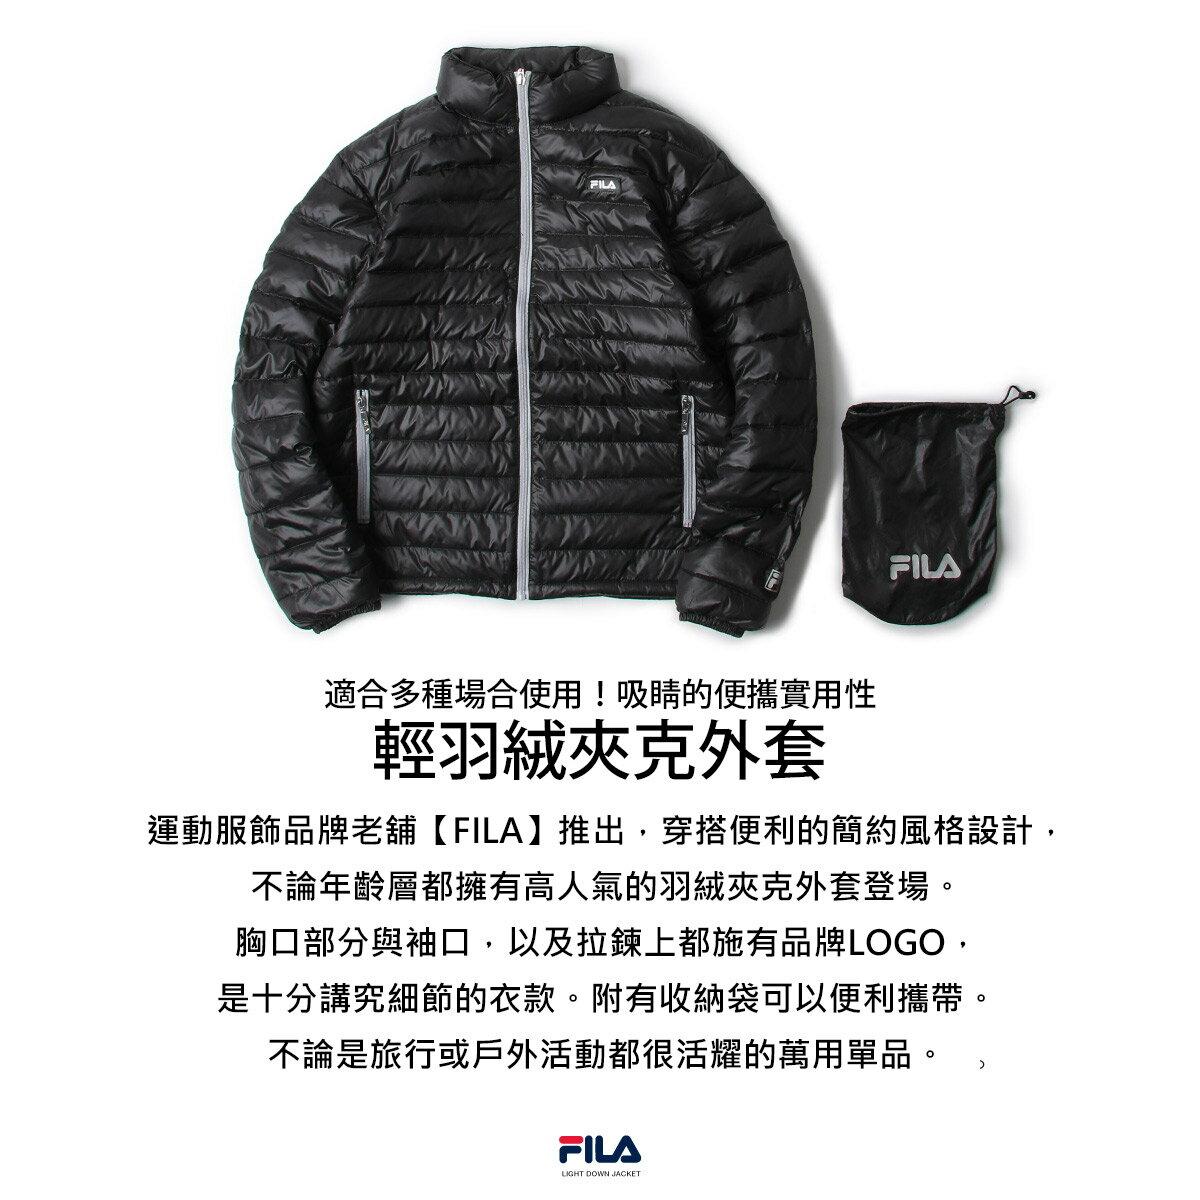 【FILA】羽絨外套 5